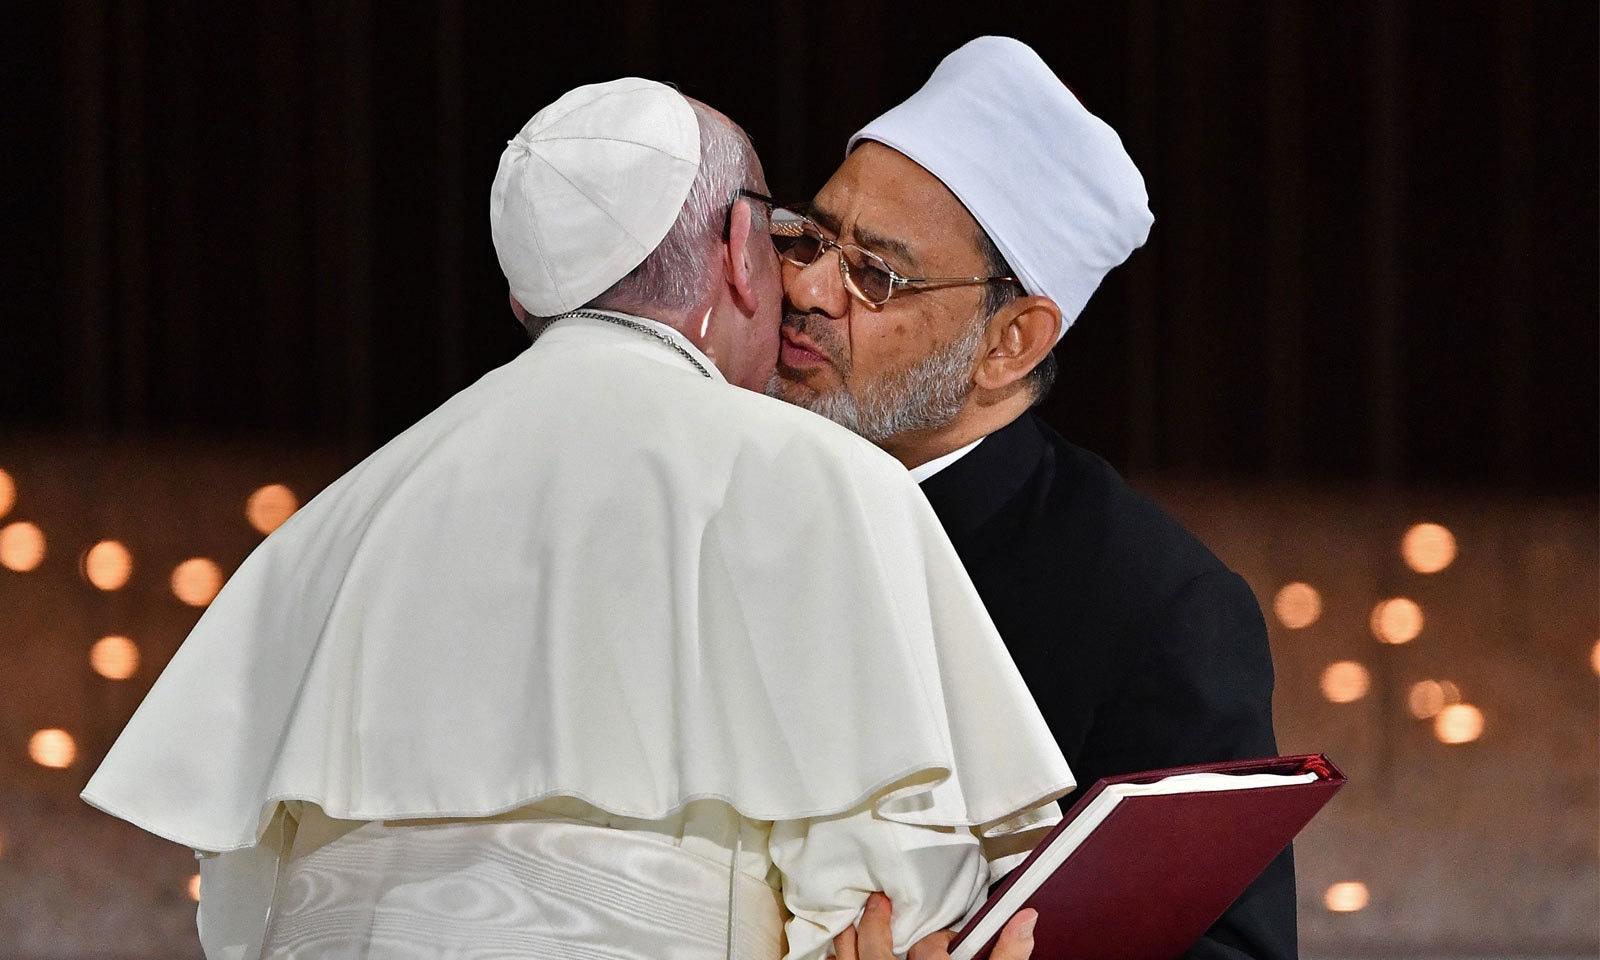 پوپ فرانسس نے ابو ظہبی میں قاہرہ کی جامعہ الازہر کے سربراہ شیخ احمد الطیب سے ملاقات کی — فوٹو: اے ایف پی